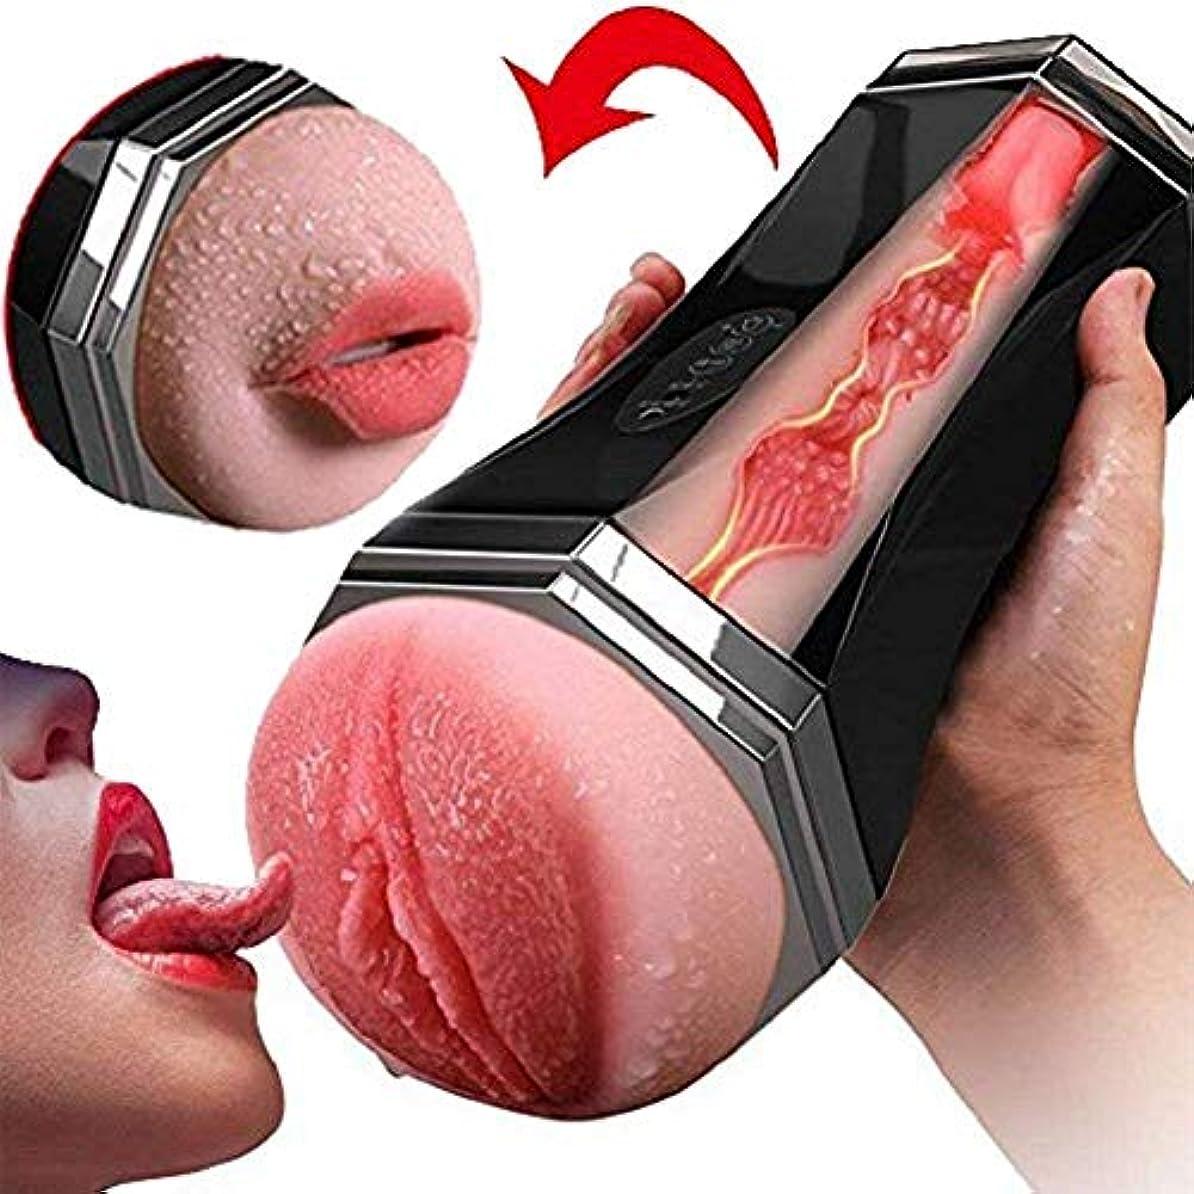 分類する引用急速なZMhouse実用的 口頭自動コップの振動の吸うマッサージャー、多モードTシャツが付いている人の電気PusseysのStrockerの袖のコップのおもちゃ ギフト